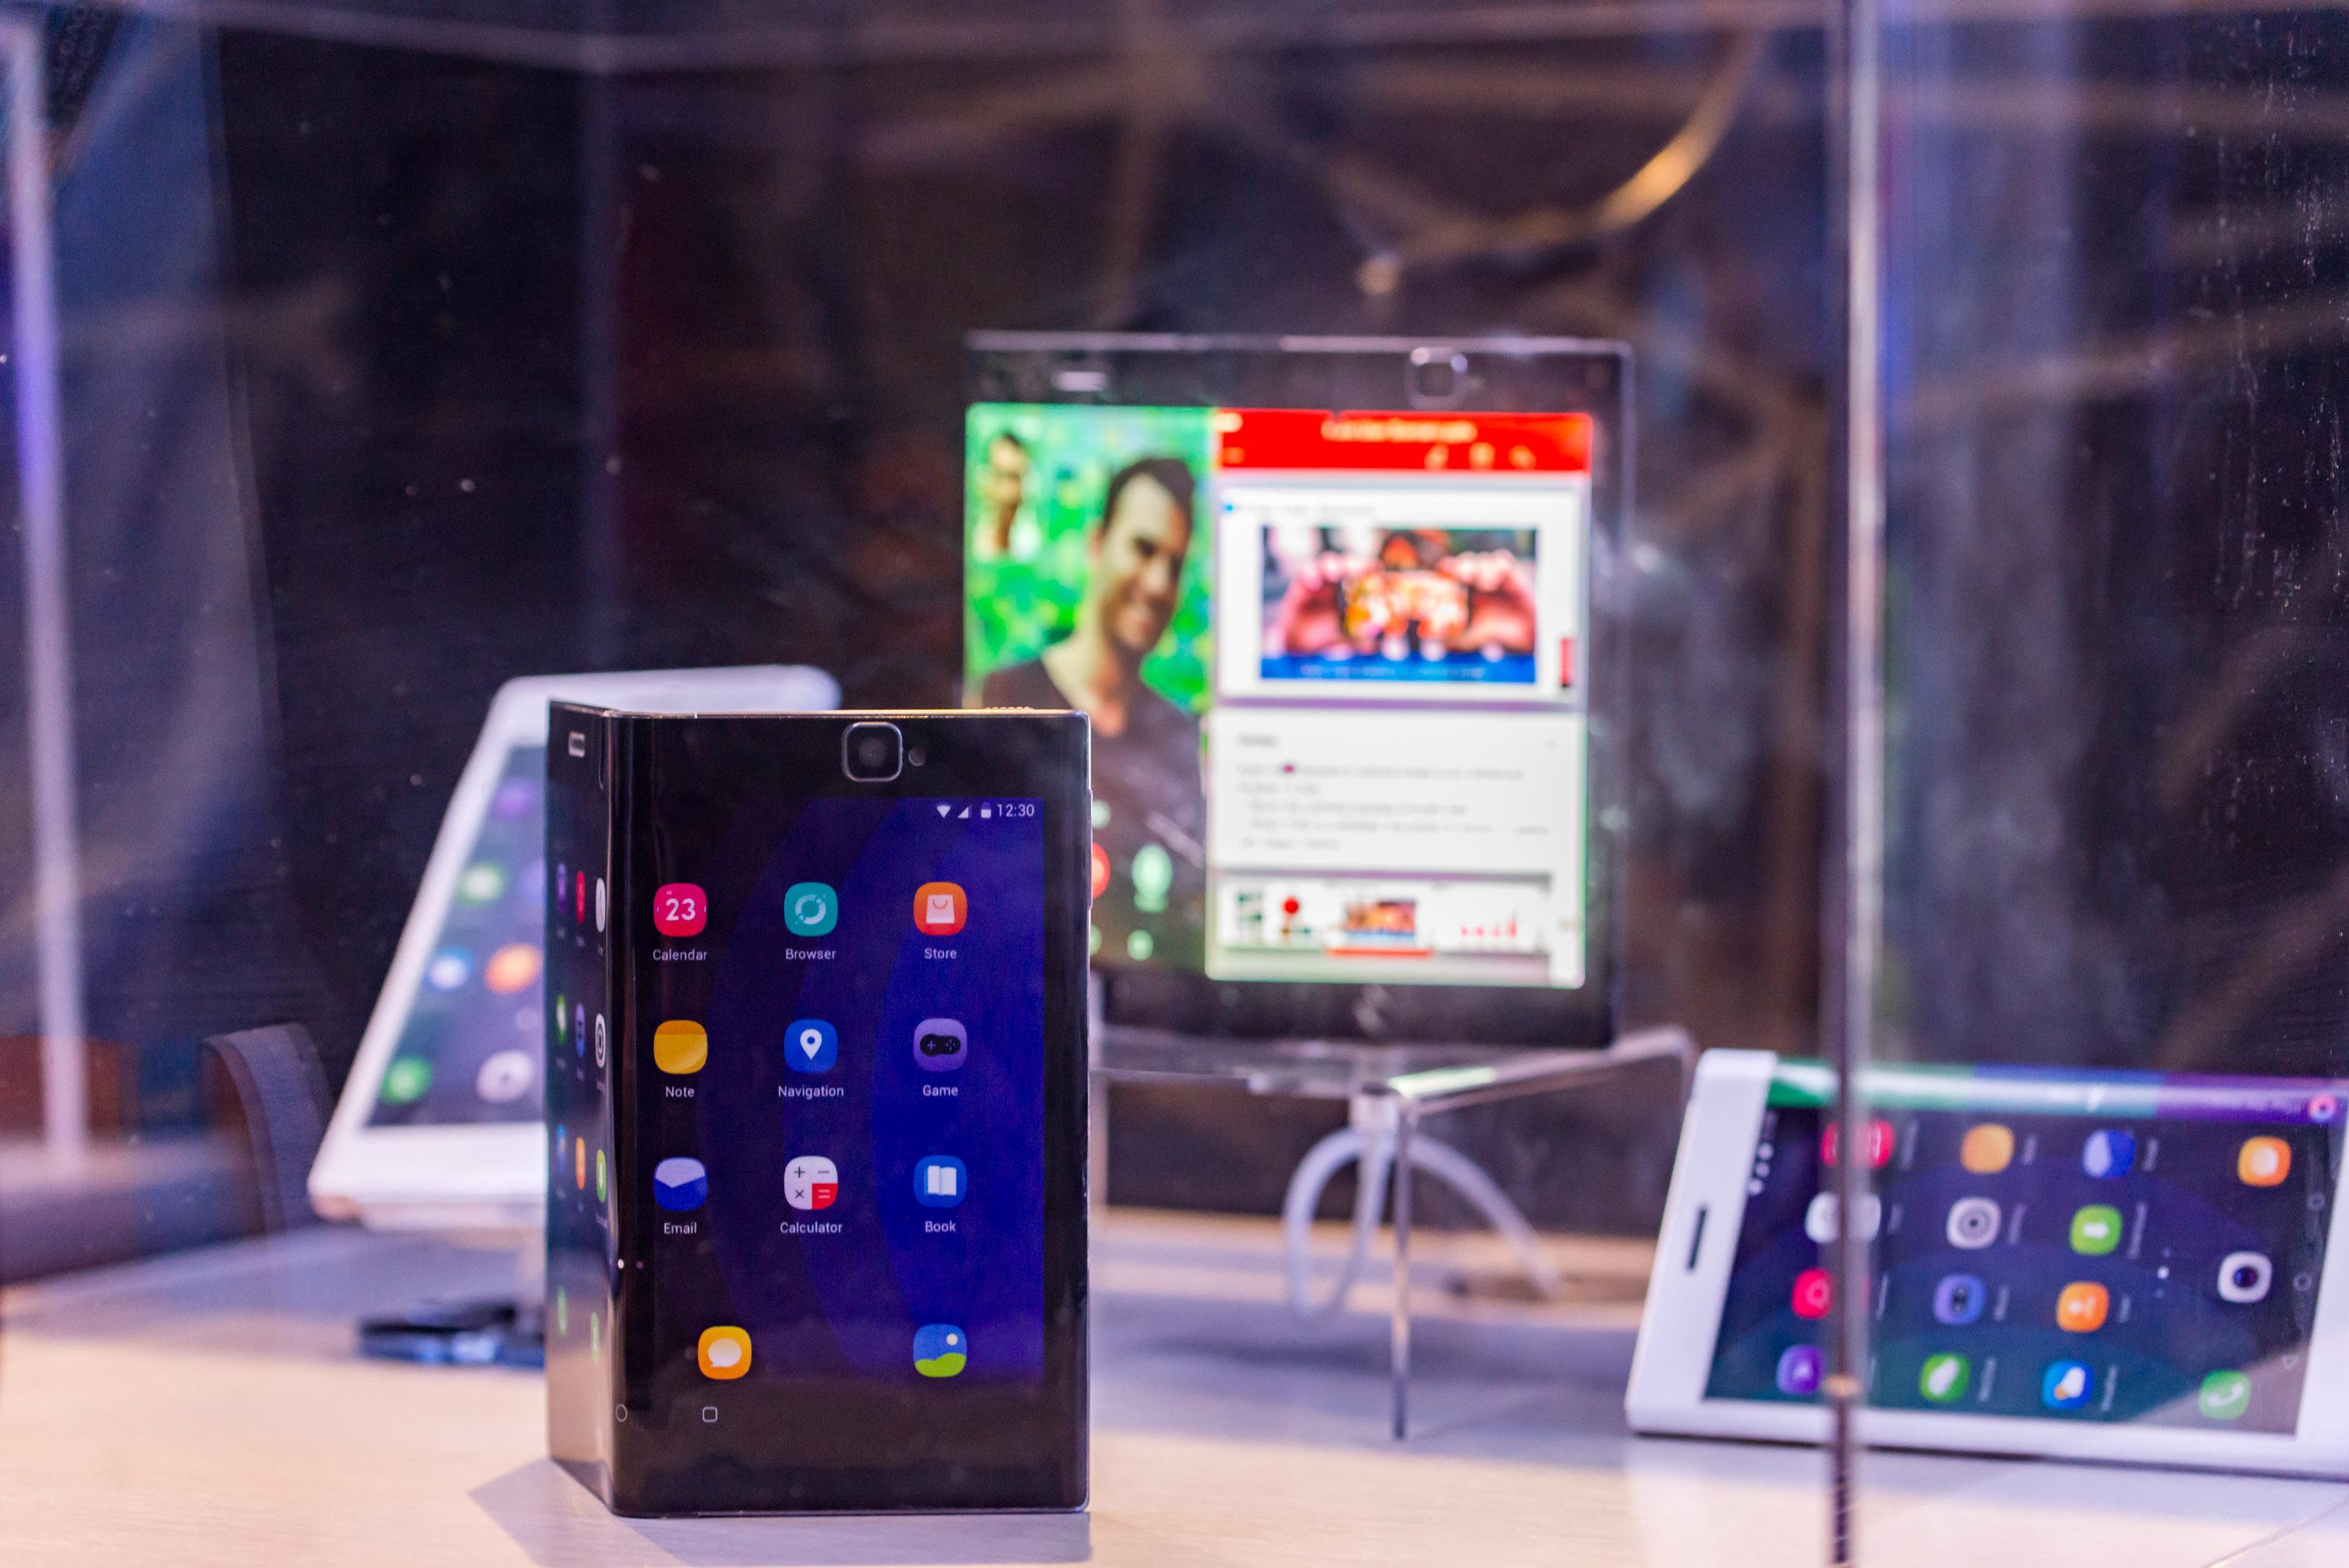 Smartfon niczym książka. Wygląda na to, że Microsoft nie porzucił marzeń o składanym telefonie